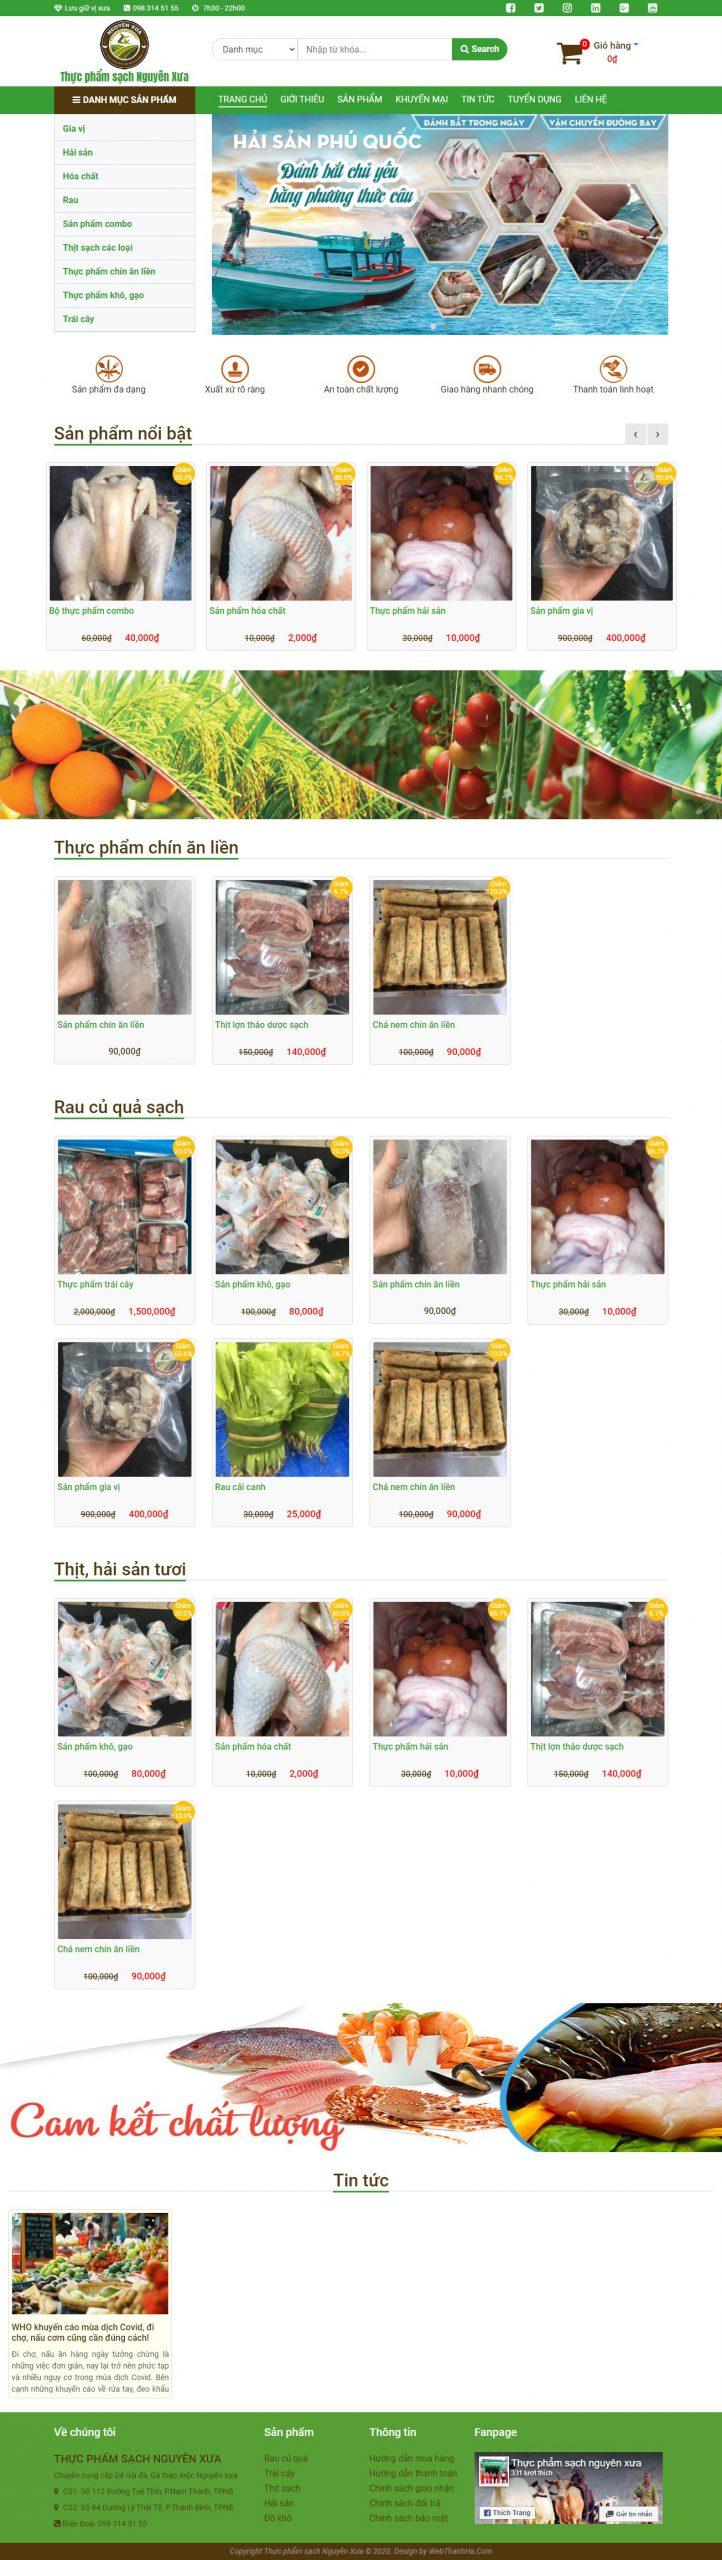 Mẫu website bán hàng thực phẩm sạch Nguyên Xưa